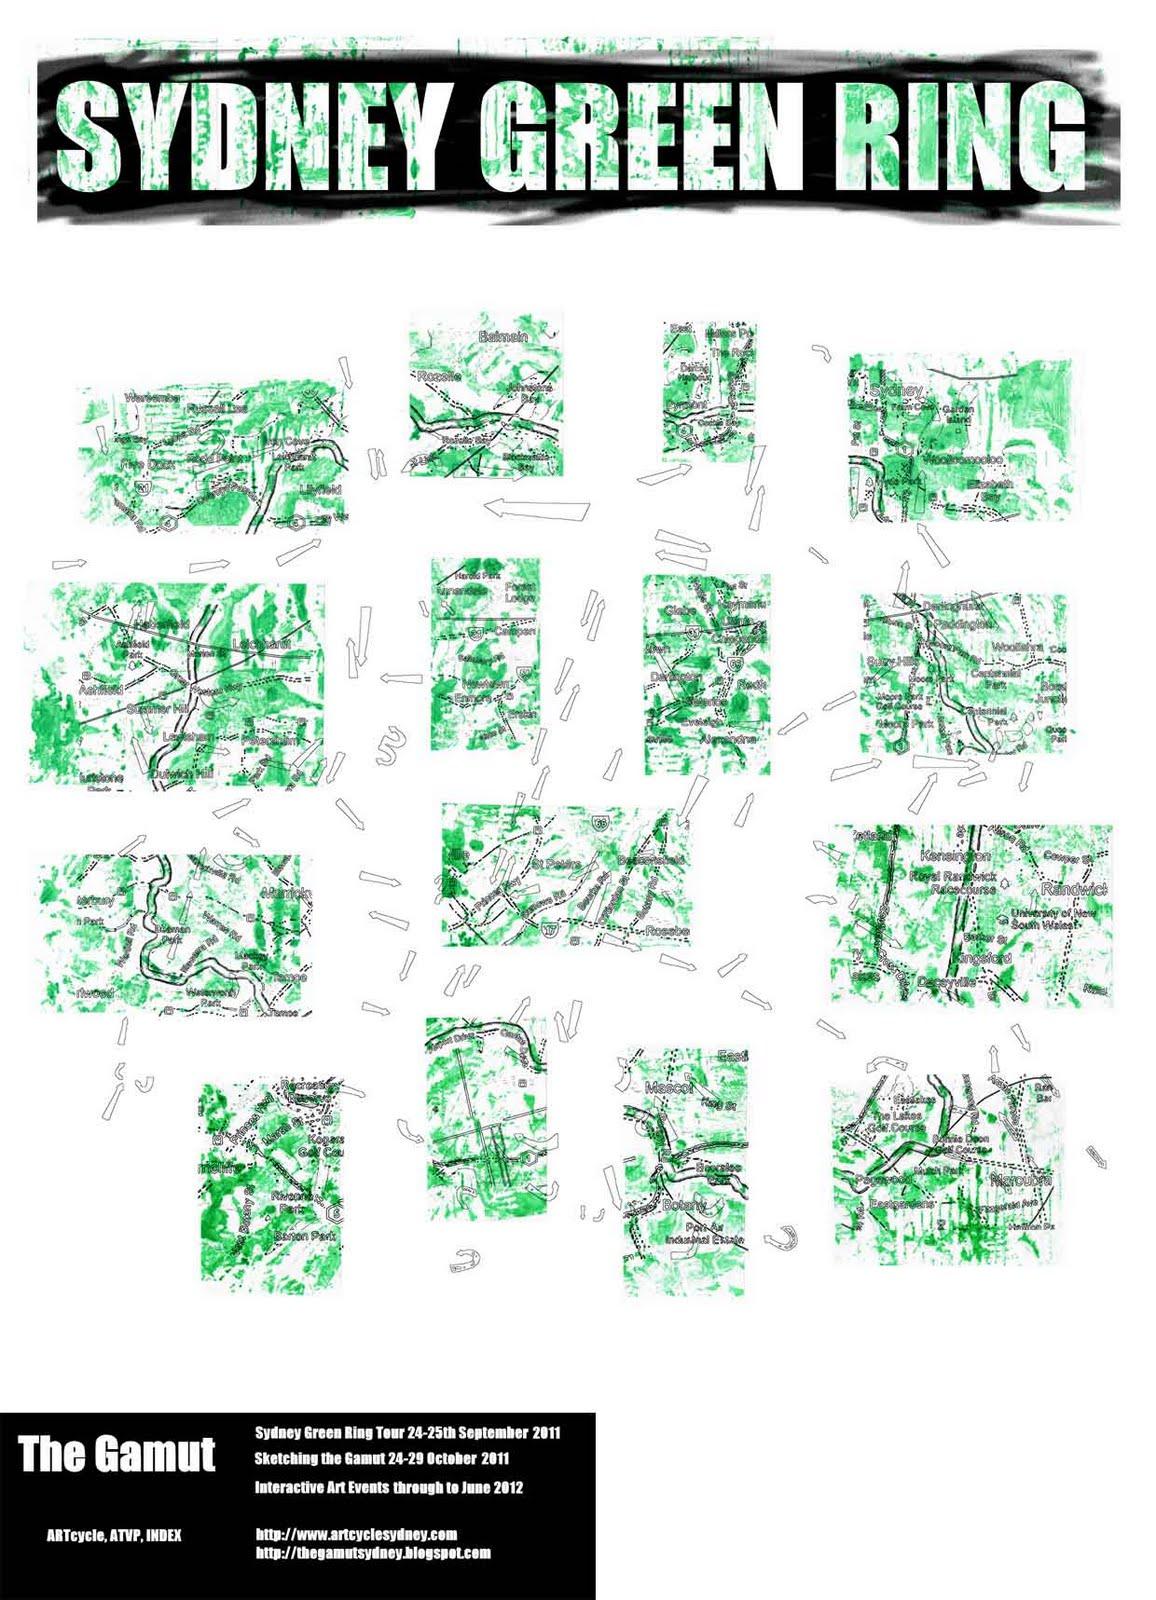 Sydney Green Ring Poster_A4_150dpi (2).jpg